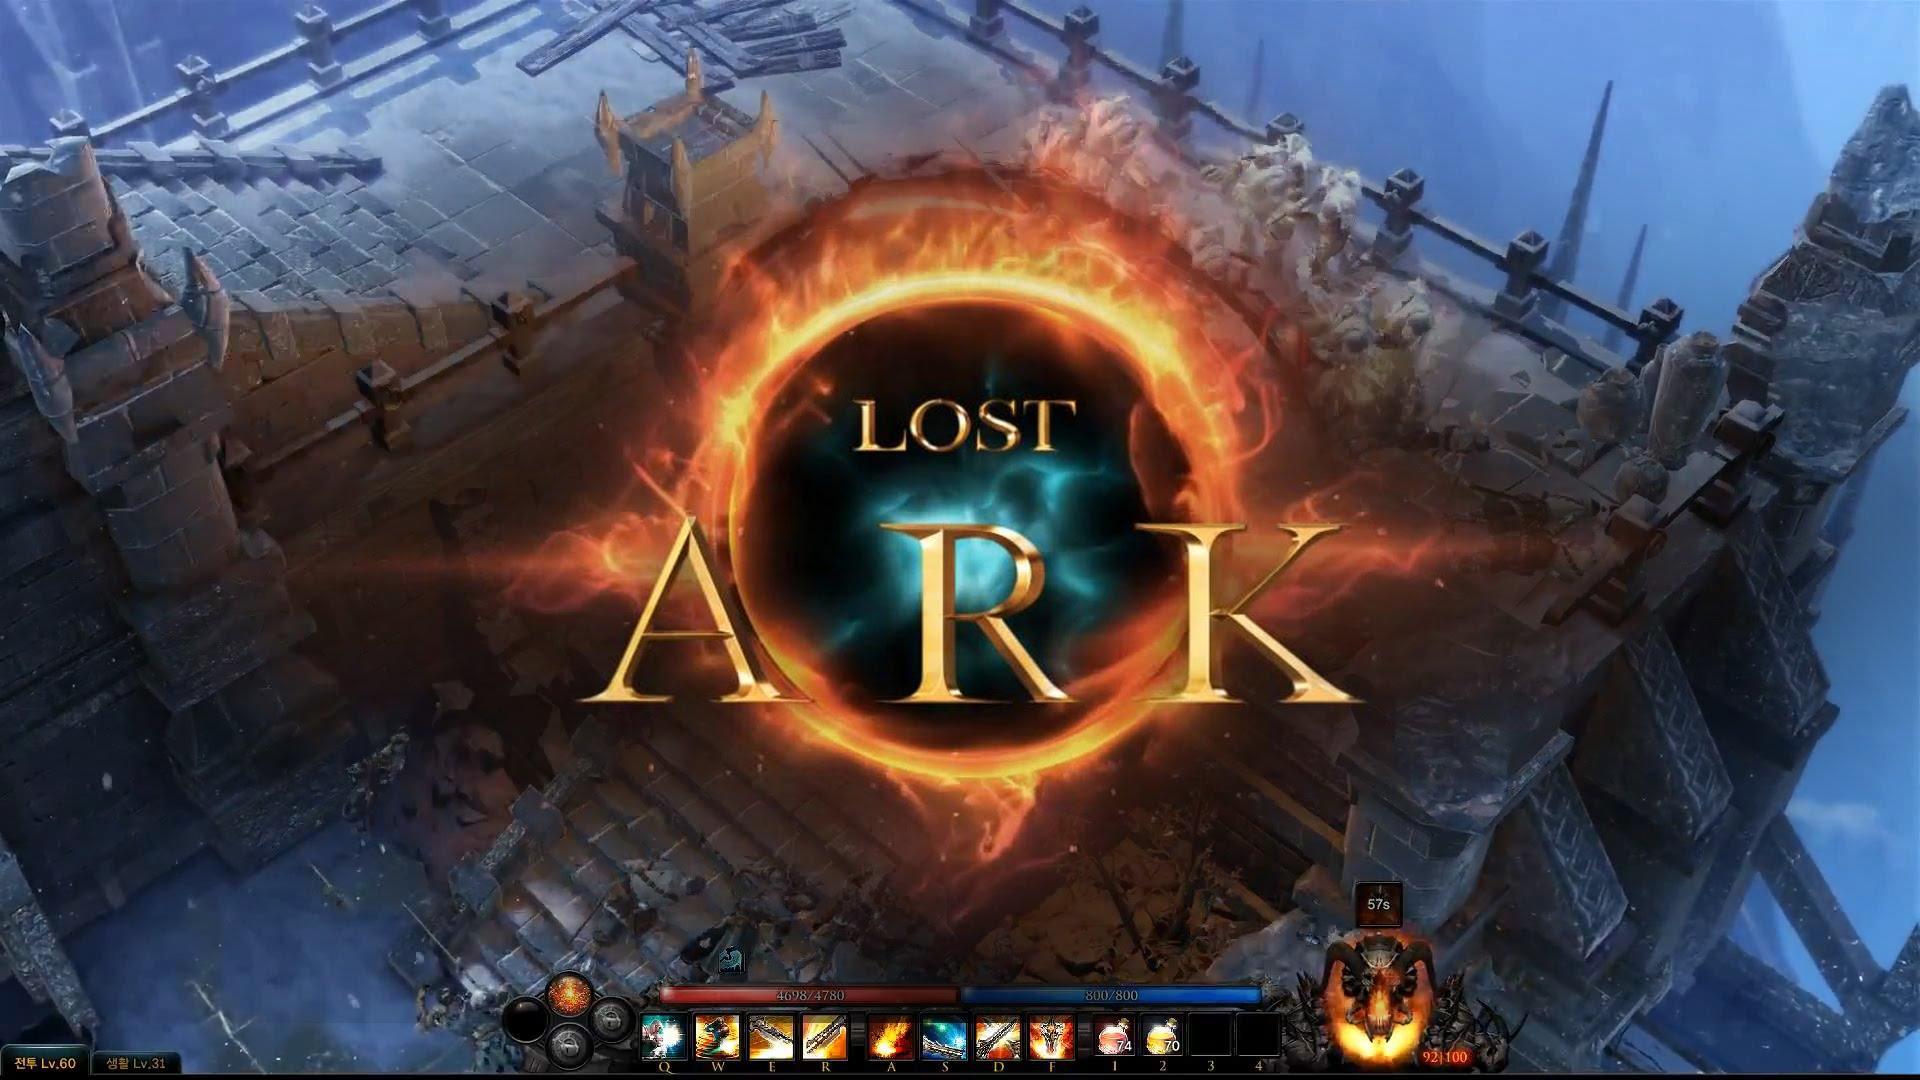 Lost Ark Online - видео с ЗБТ кореи - Изображение 1